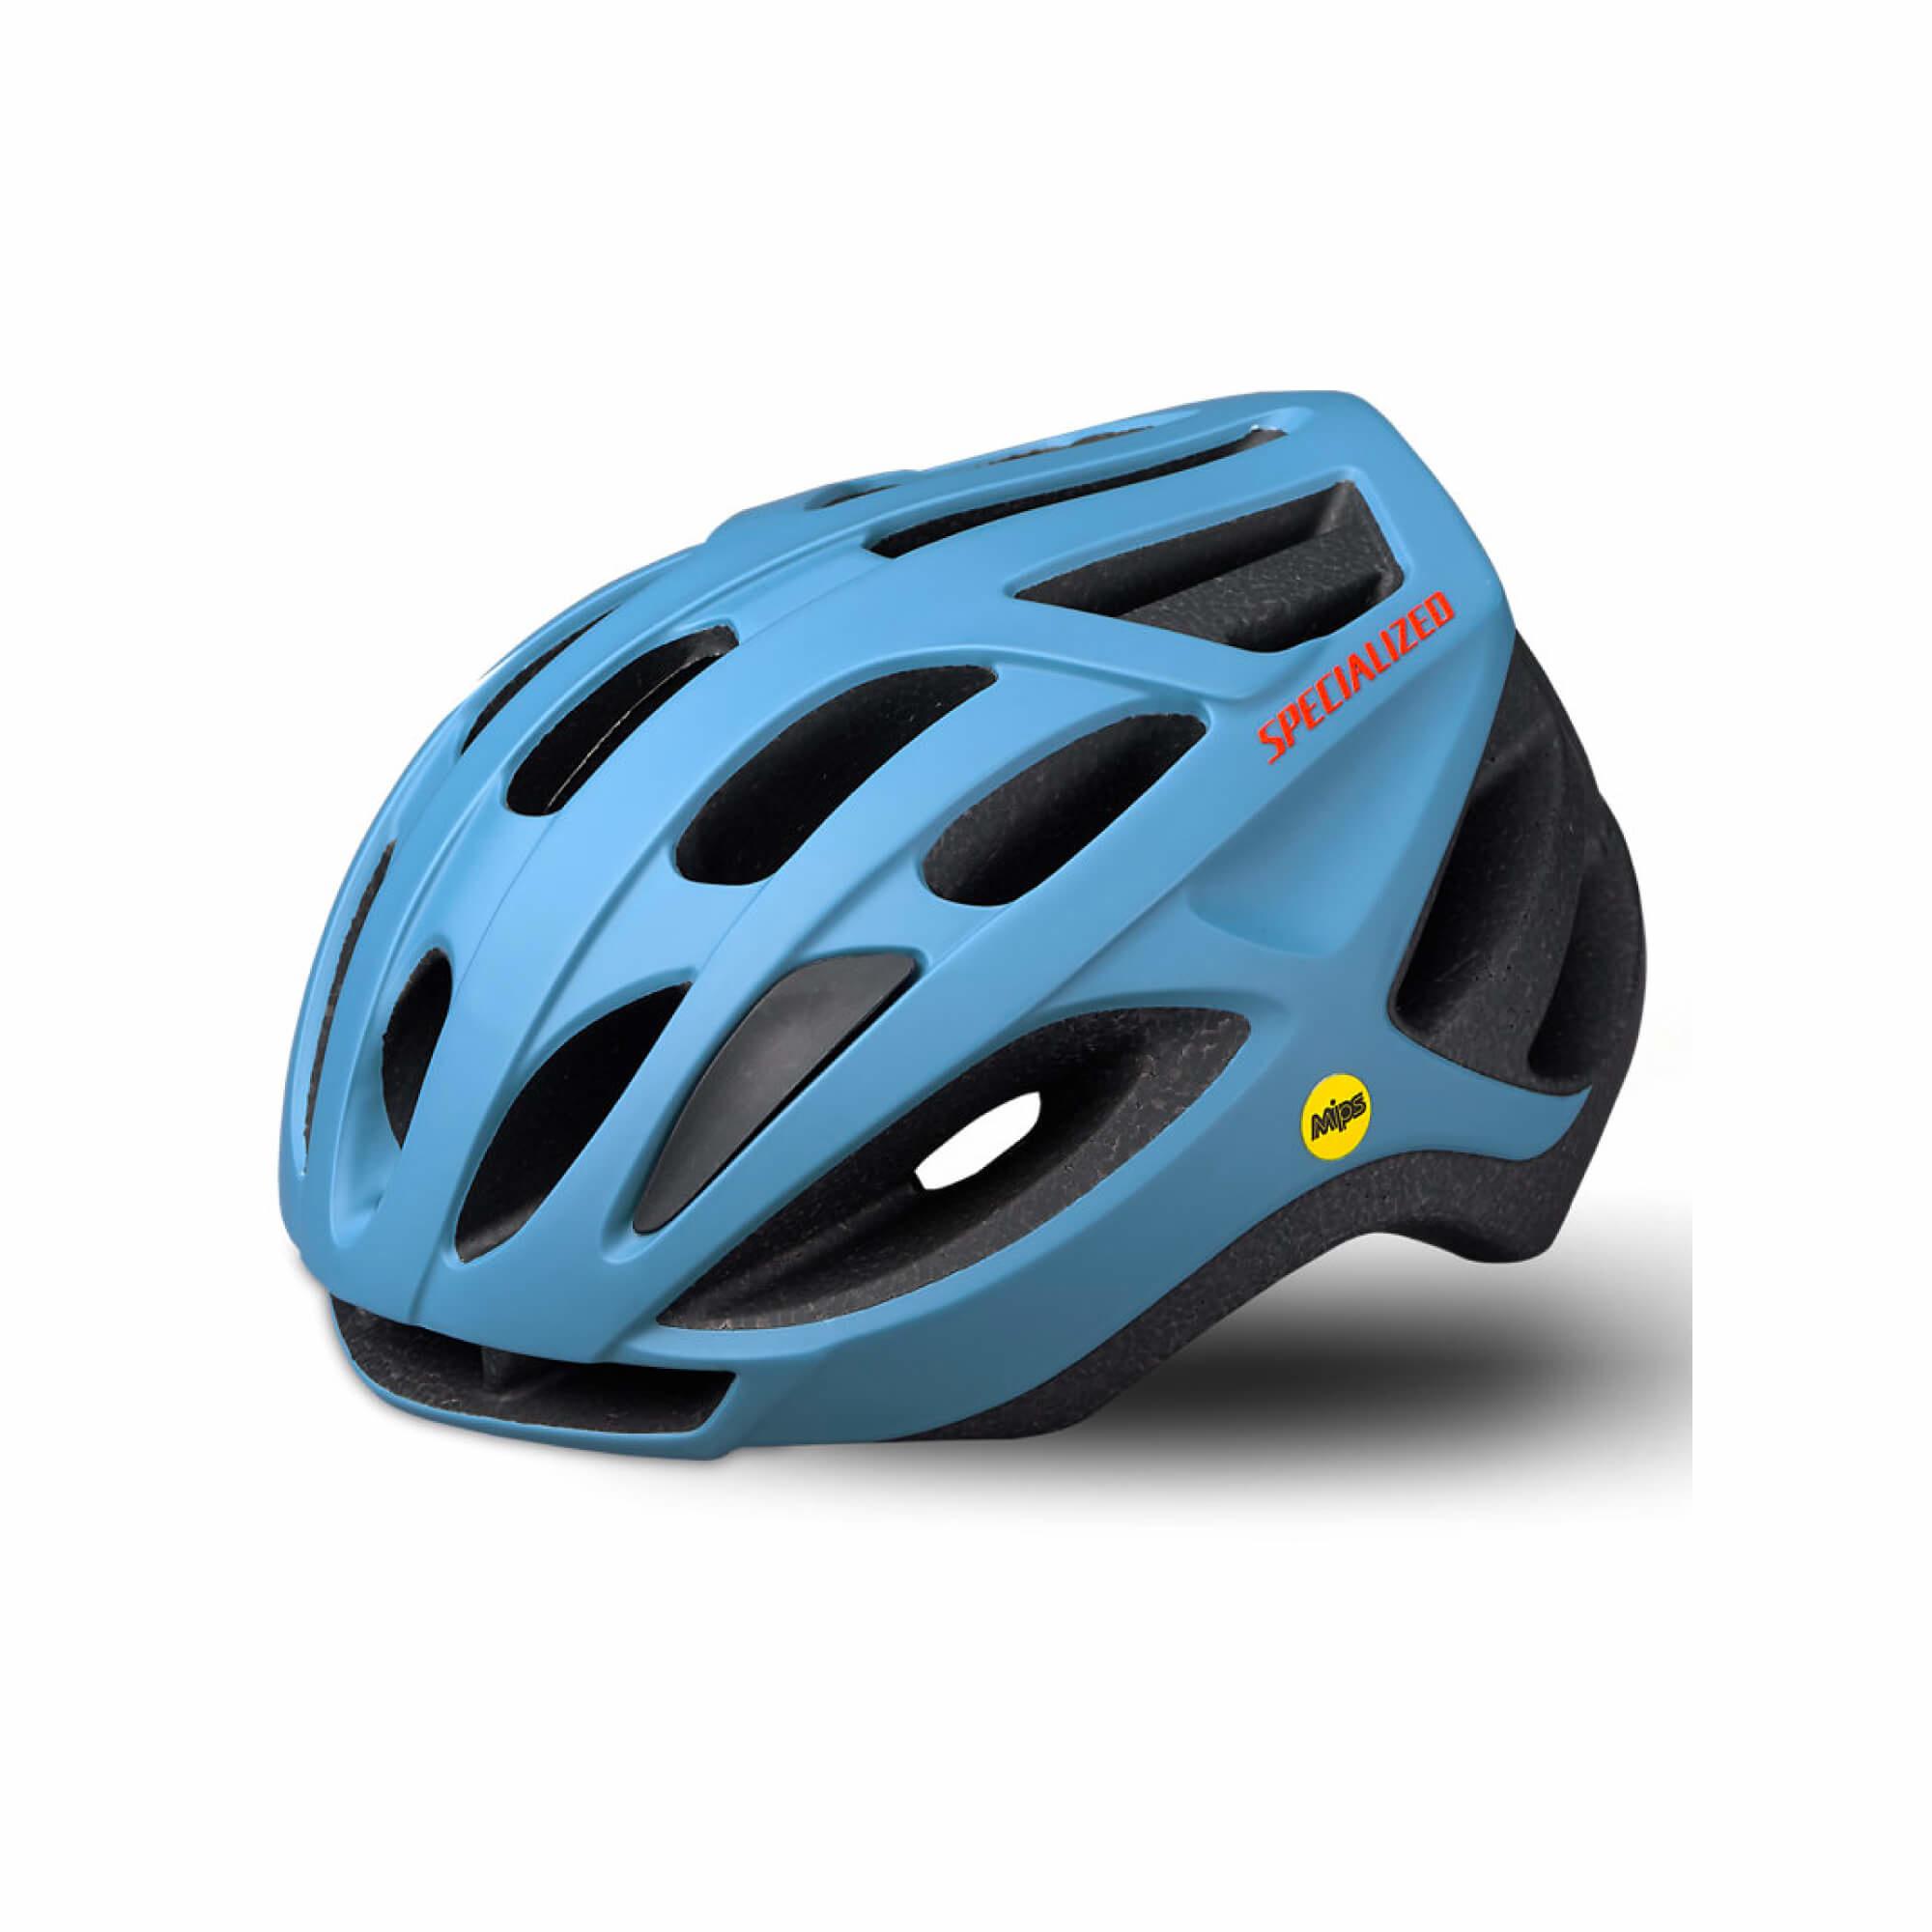 Align Helmet Mips-5